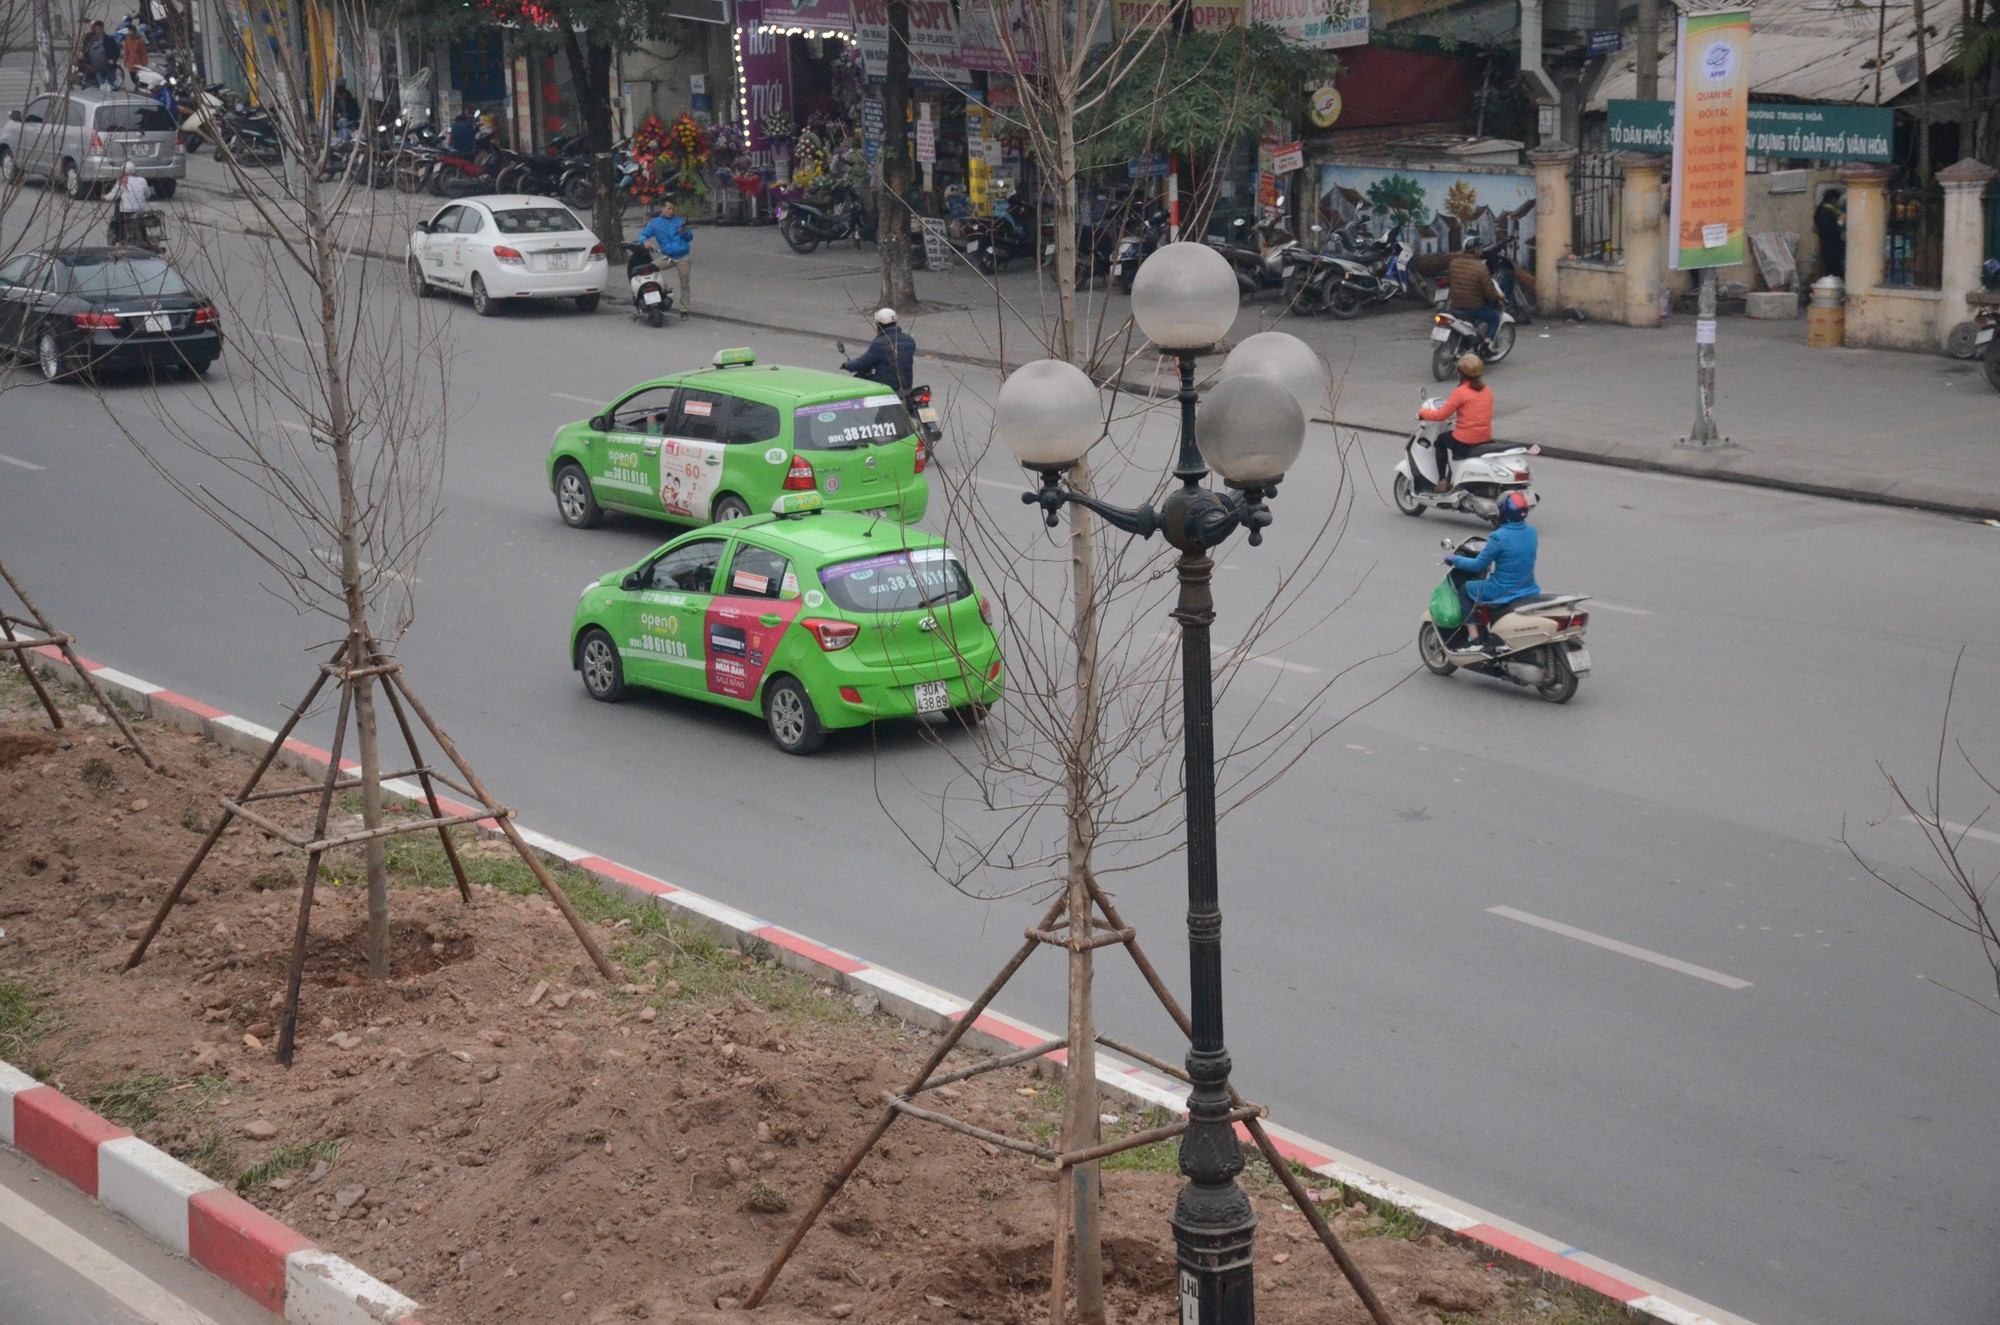 Chùm ảnh: Tận thấy hàng trăm cây phong lá đỏ mới được trồng trên phố Trần Duy Hưng ở Hà Nội - Ảnh 9.